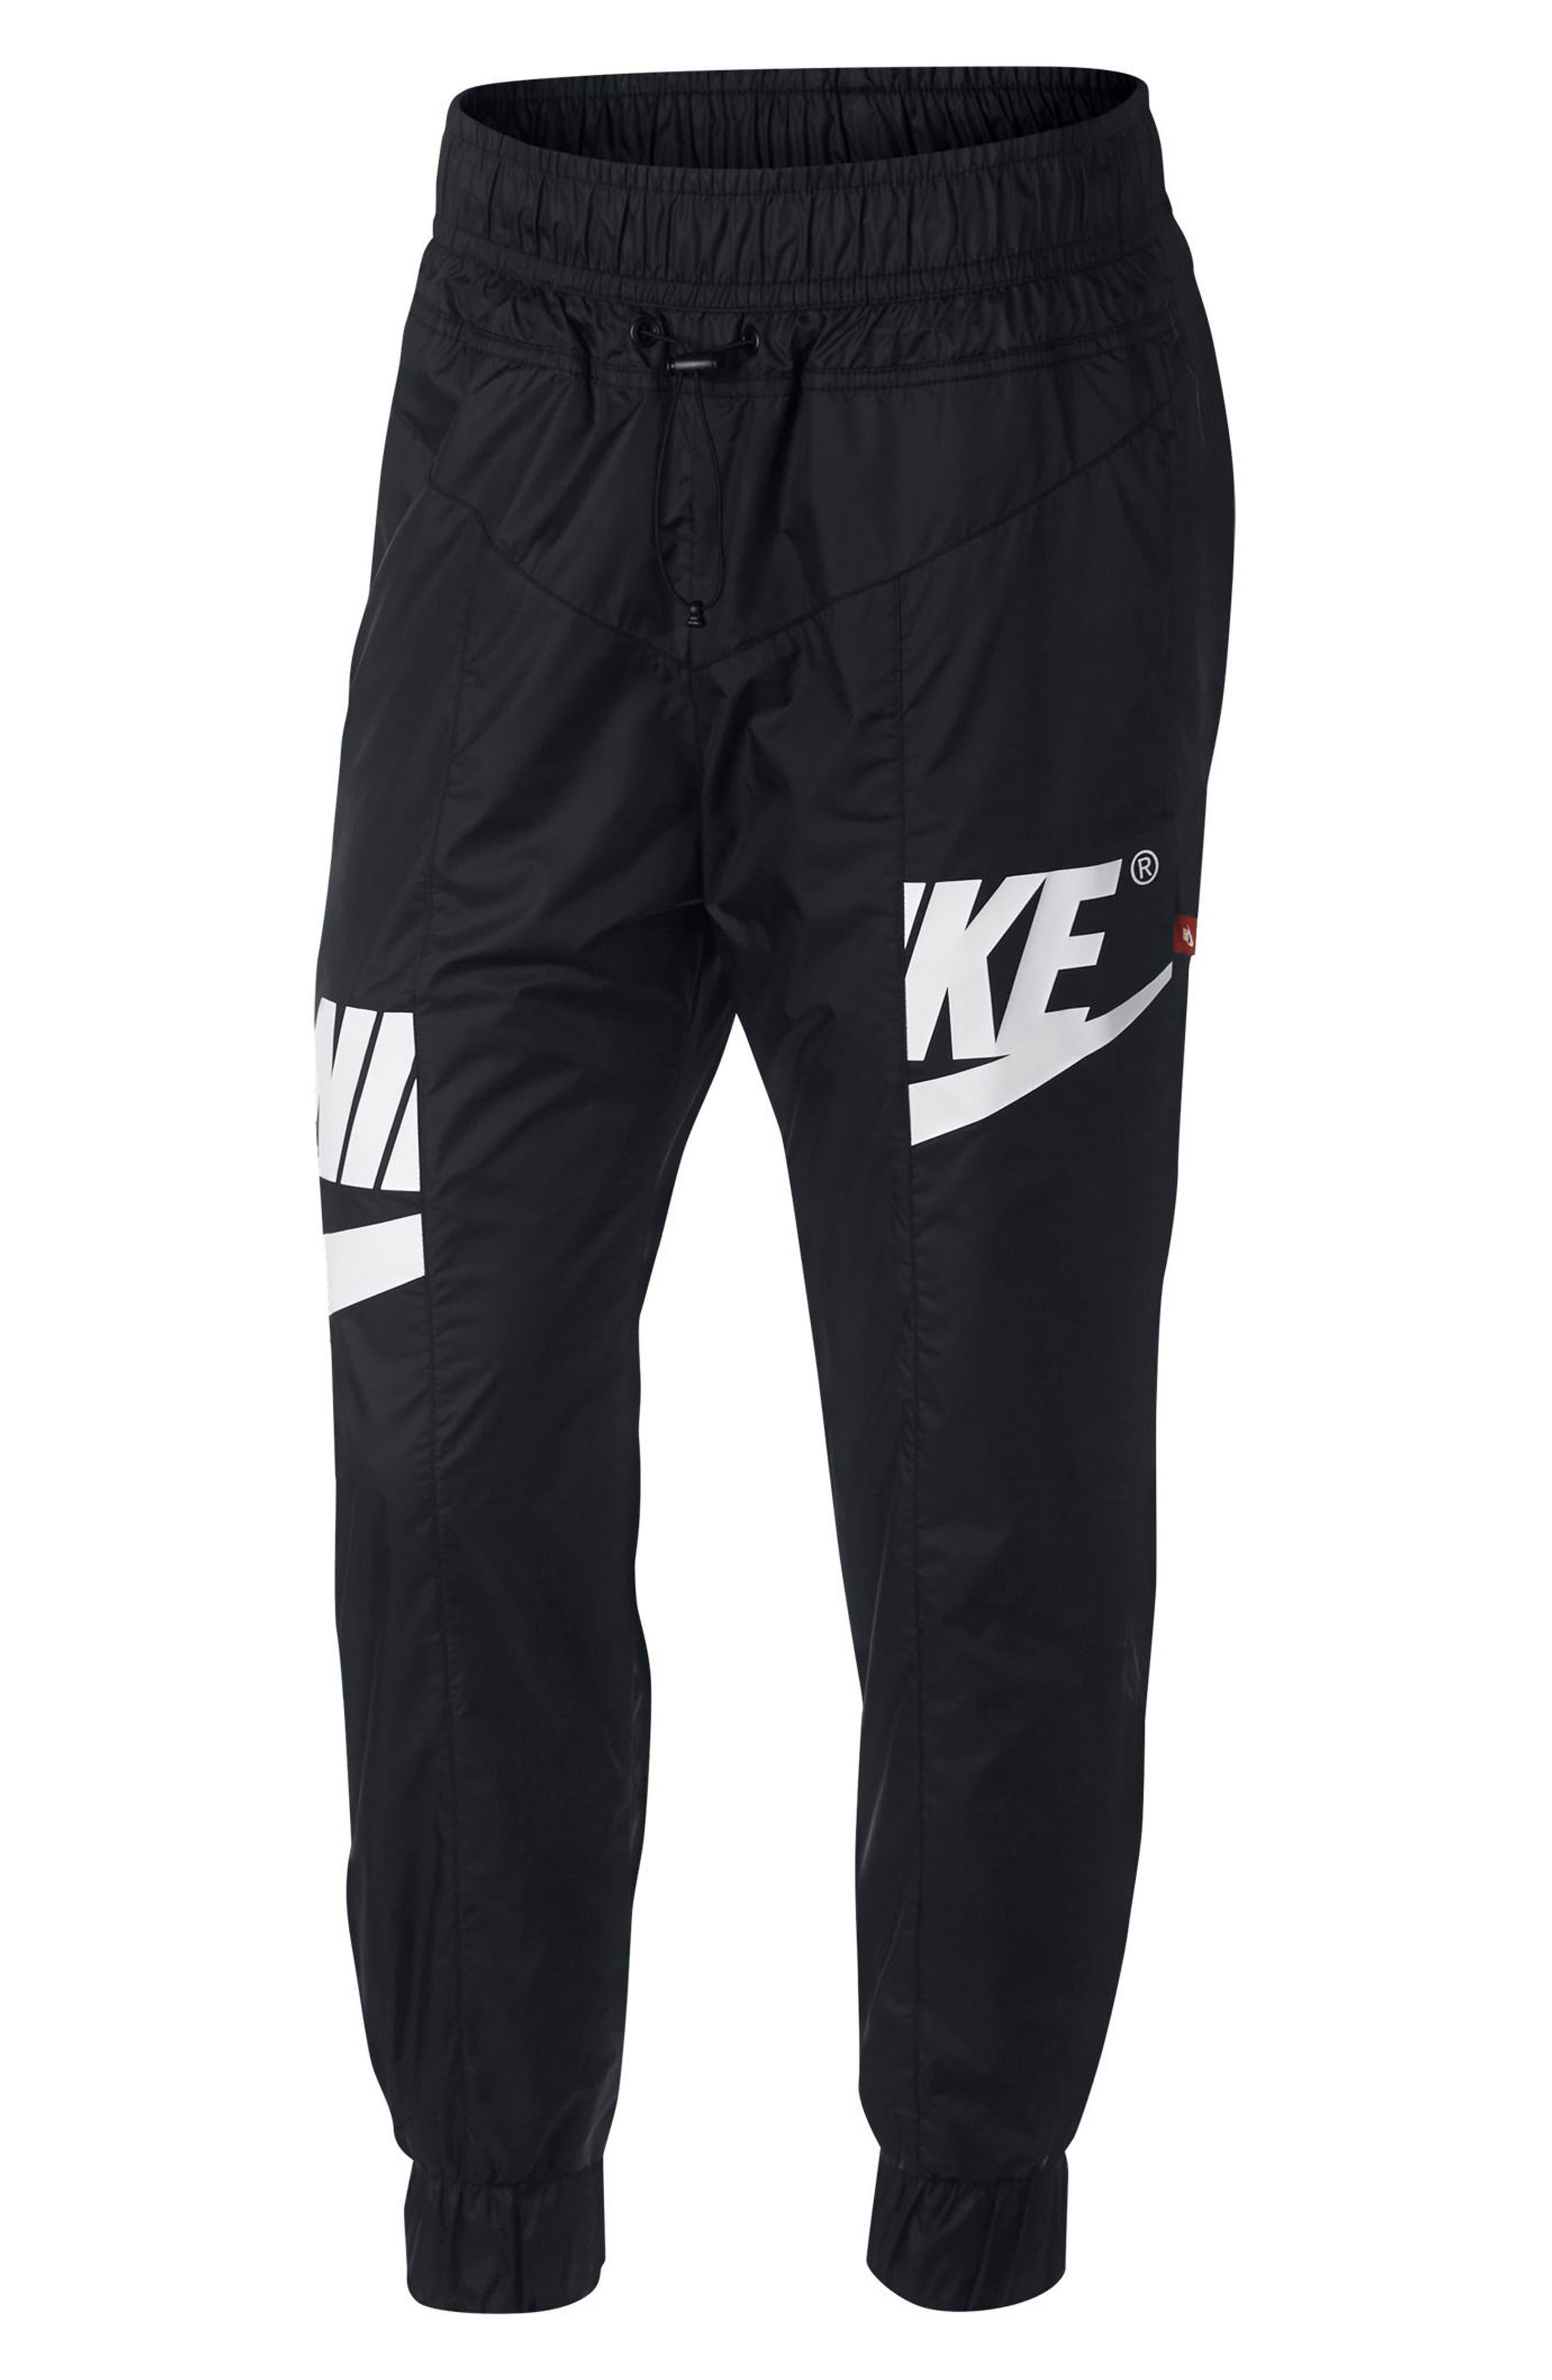 Nike Sportswear Windrunner Women's Pants